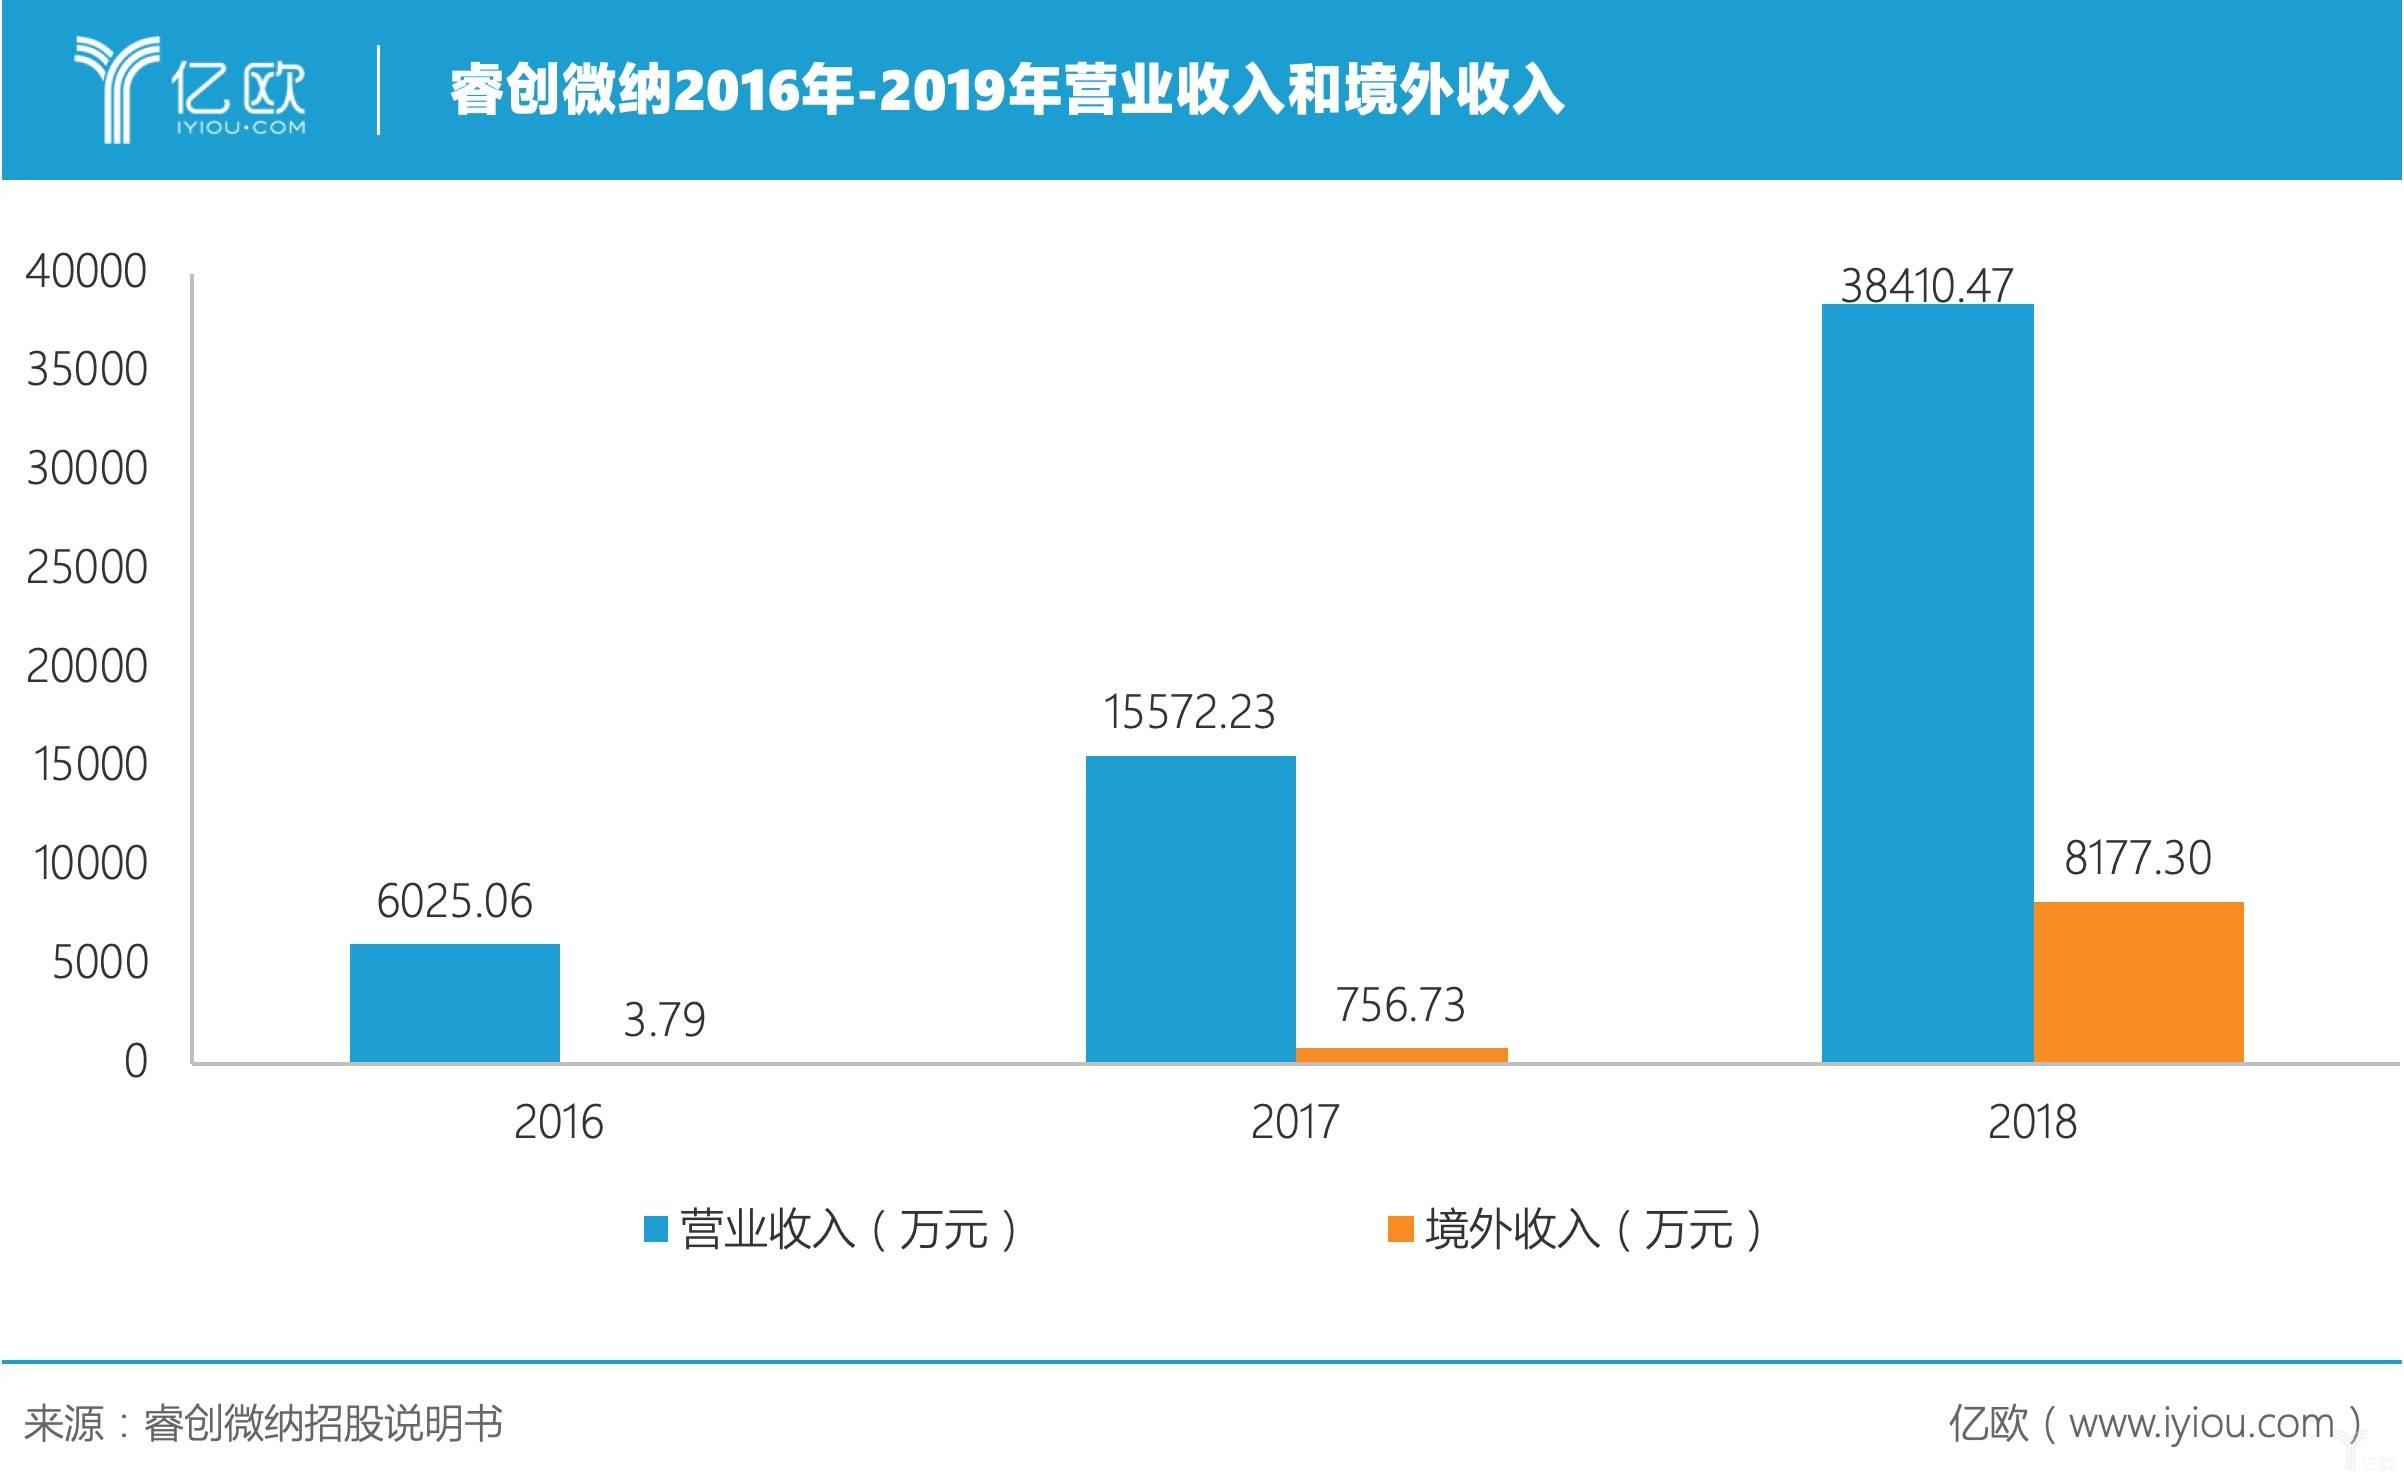 睿创微纳2016年-2019年营业收入和境外收入.jpeg